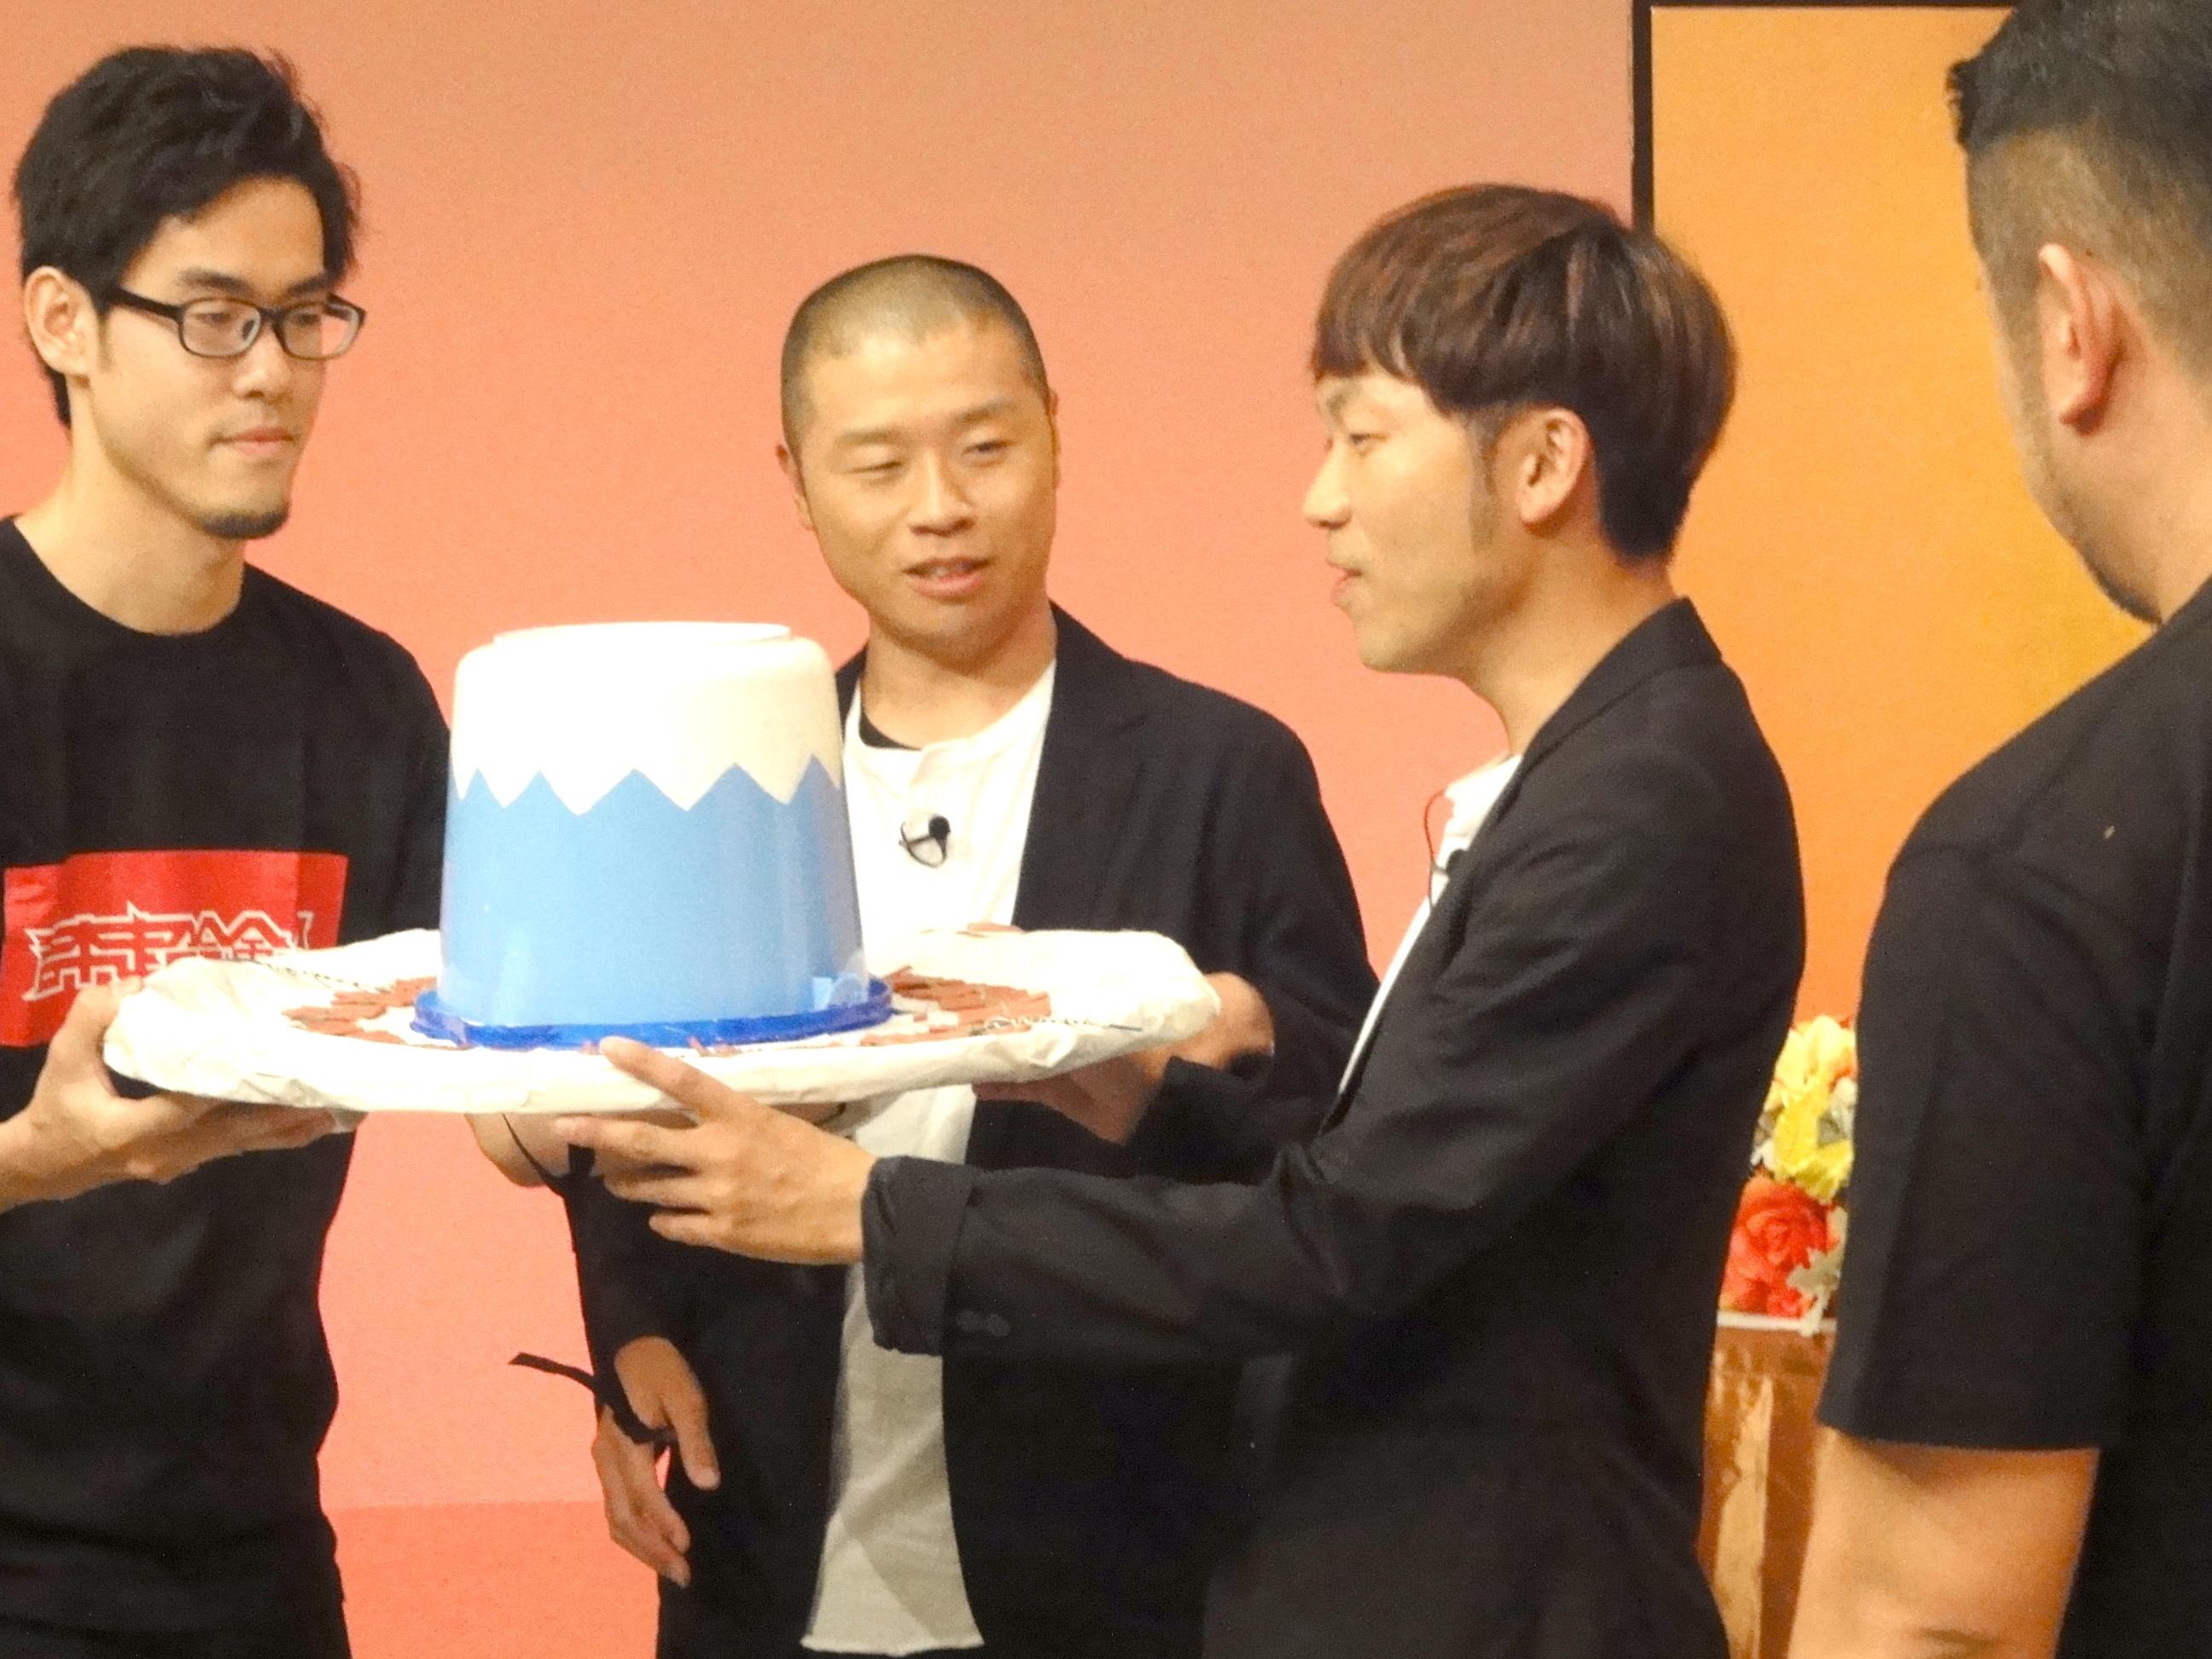 http://news.yoshimoto.co.jp/20171003000952-2397ee2678af5e9c380eaa18de56e5592fdaebfa.jpg